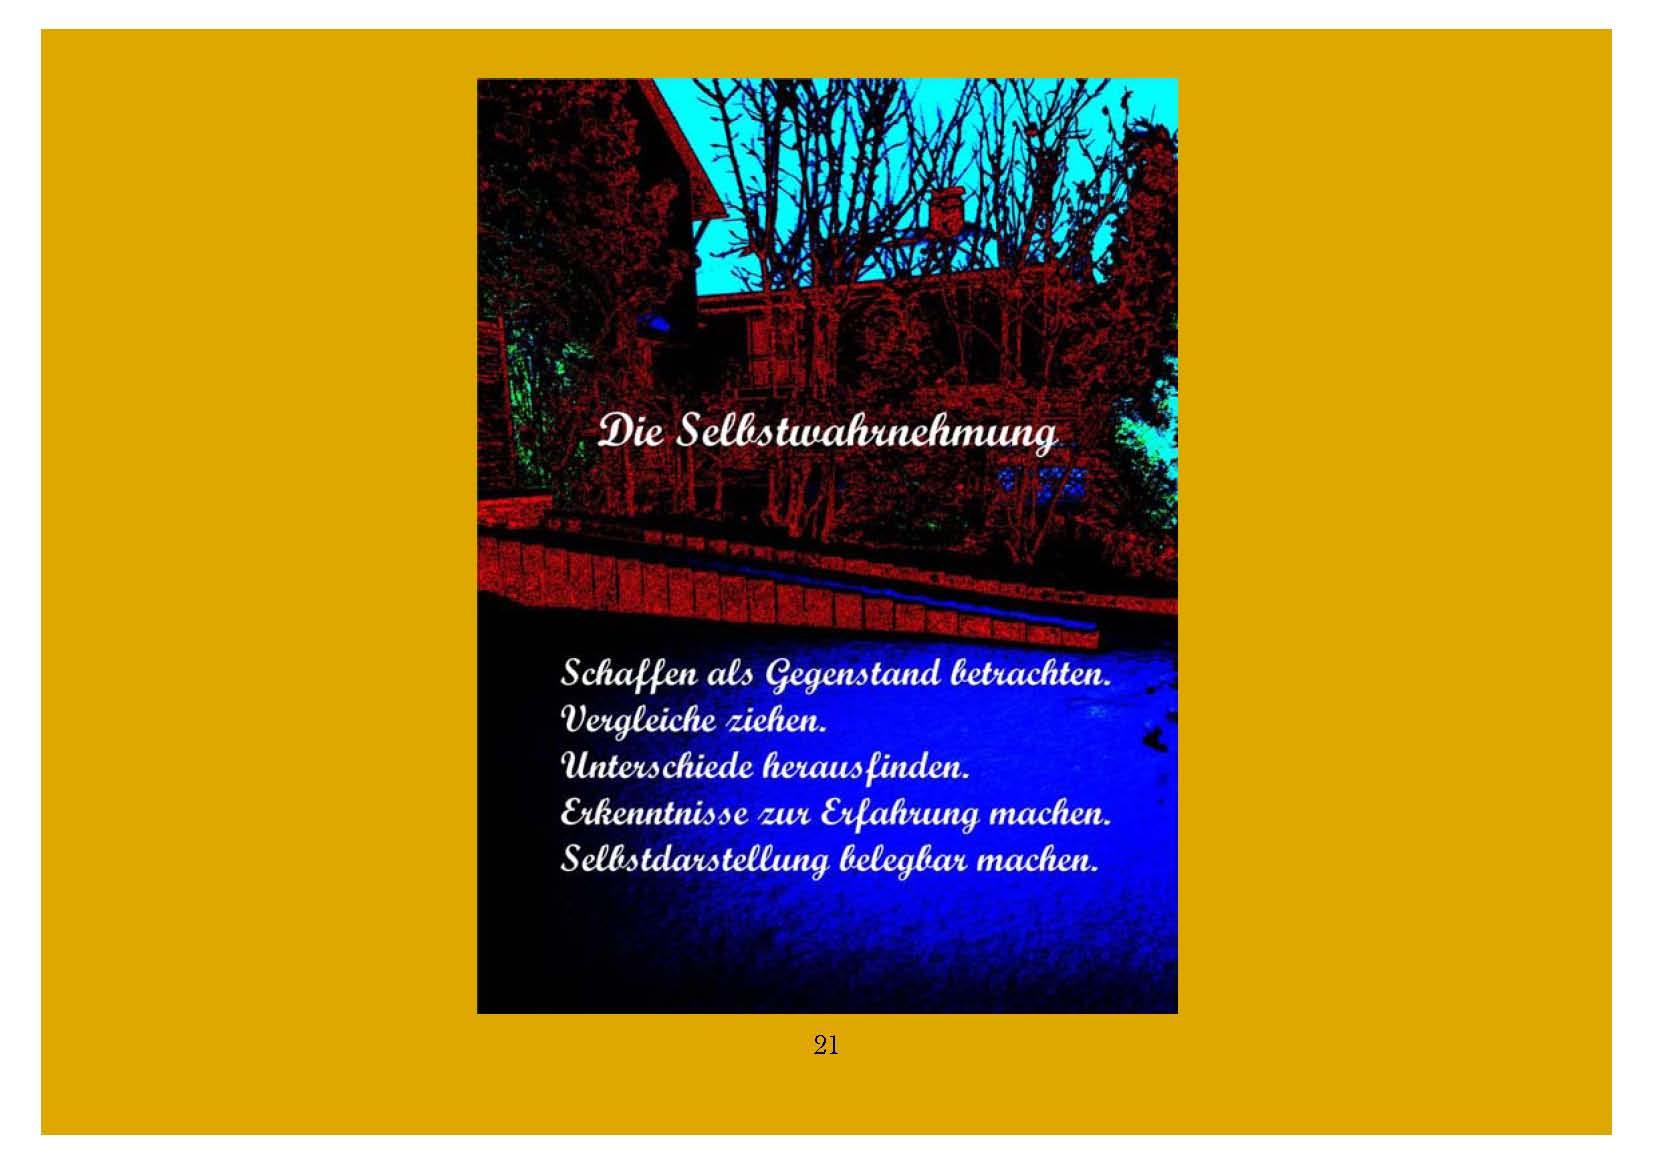 ™Gigabuch-Bibliothek/iAutobiographie Band 16/Bild 1151